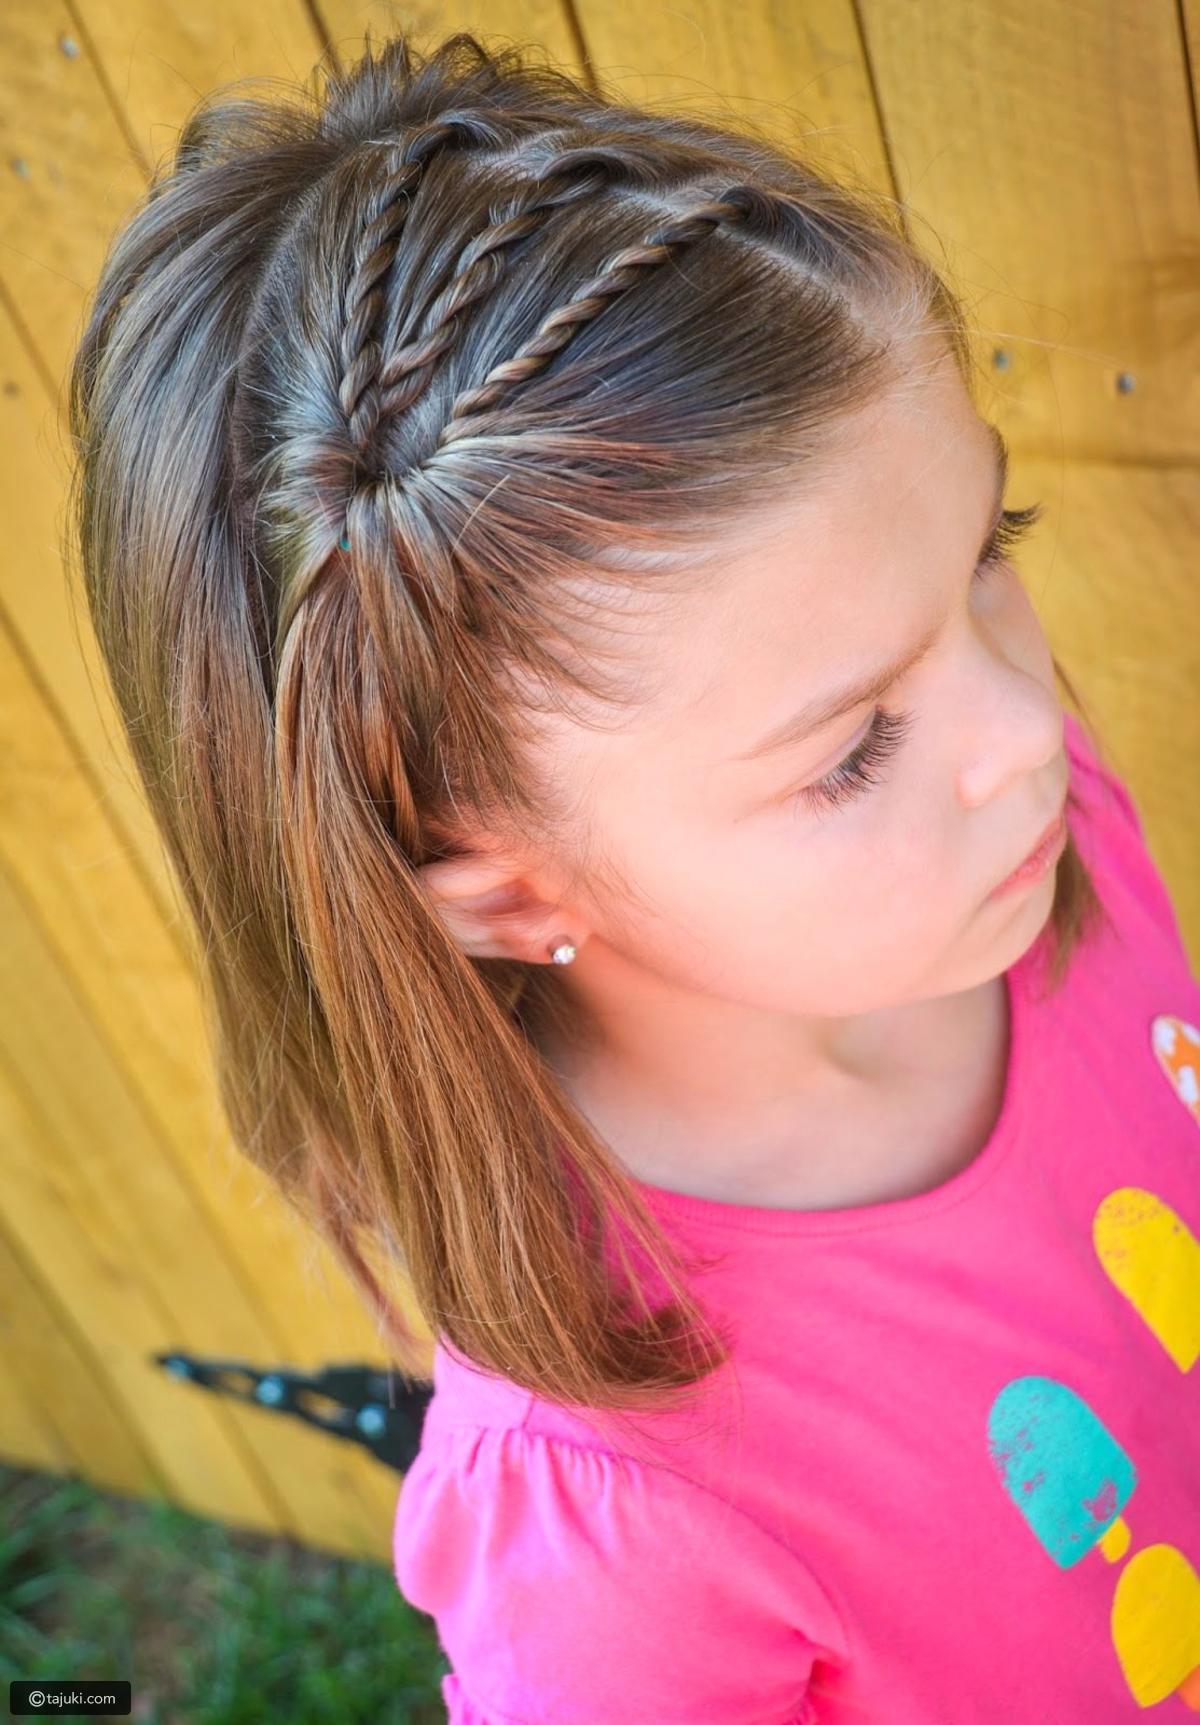 Kiểu buộc tóc mái đẹp cho bé gái